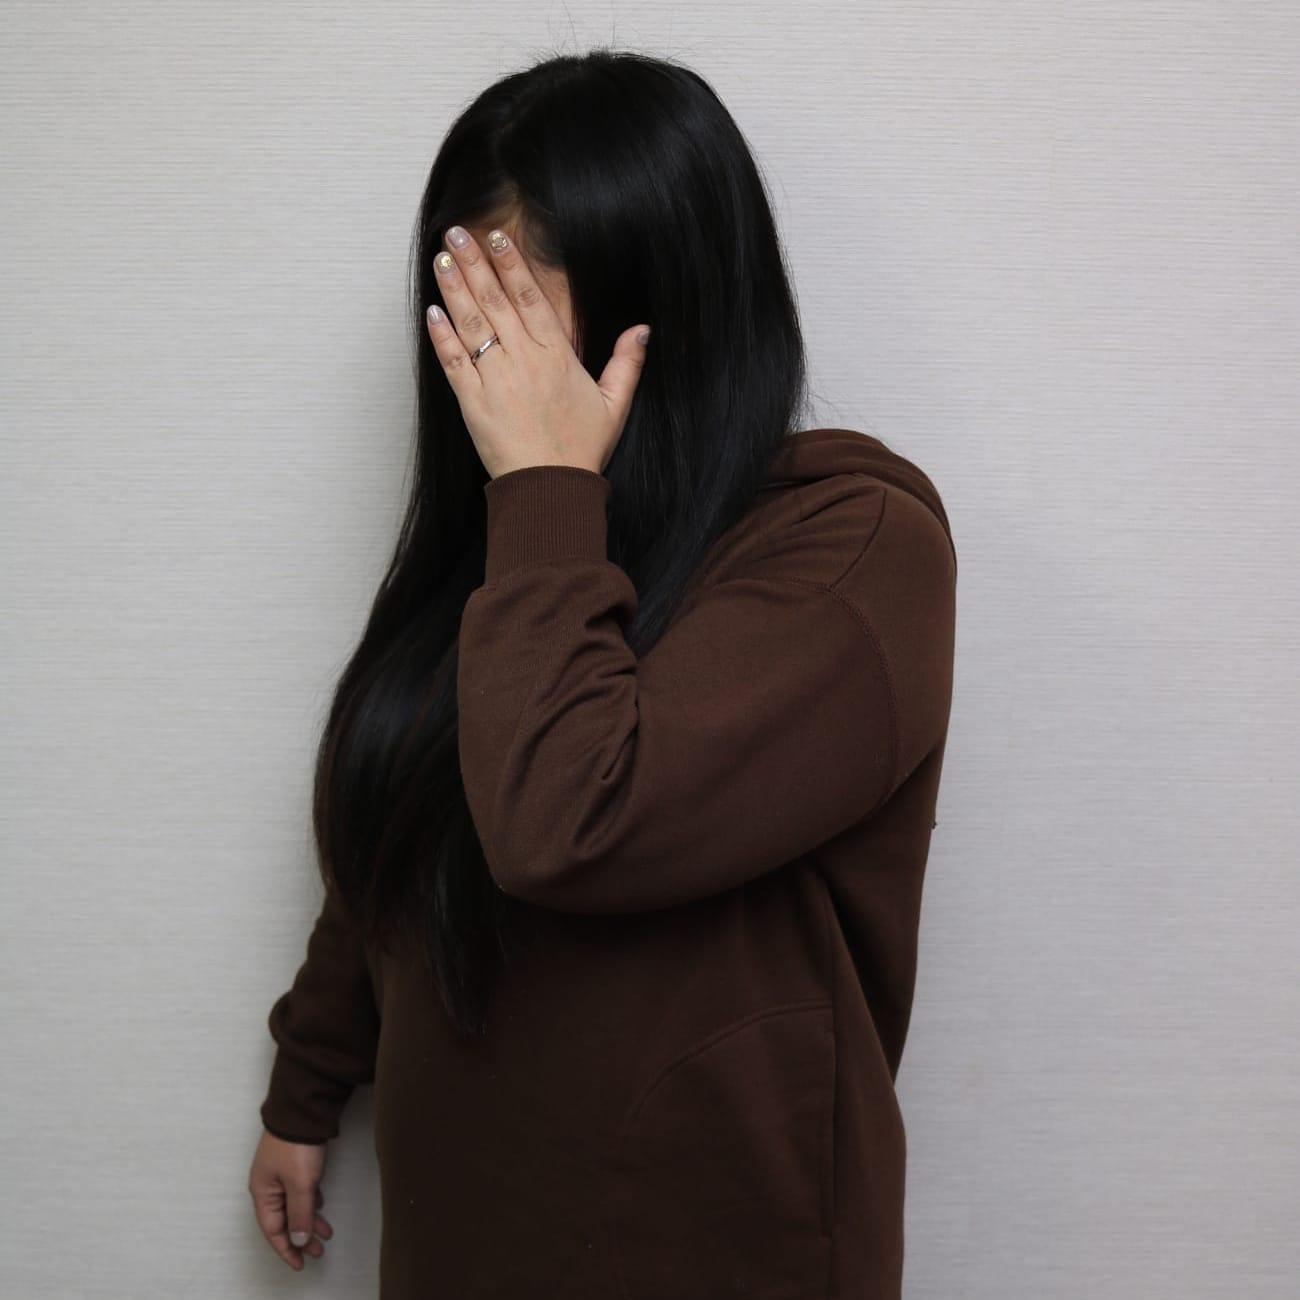 「オープニングイベント」02/01(土) 19:55 | NTR願望の奥さま達~旦那には言えない秘密~のお得なニュース